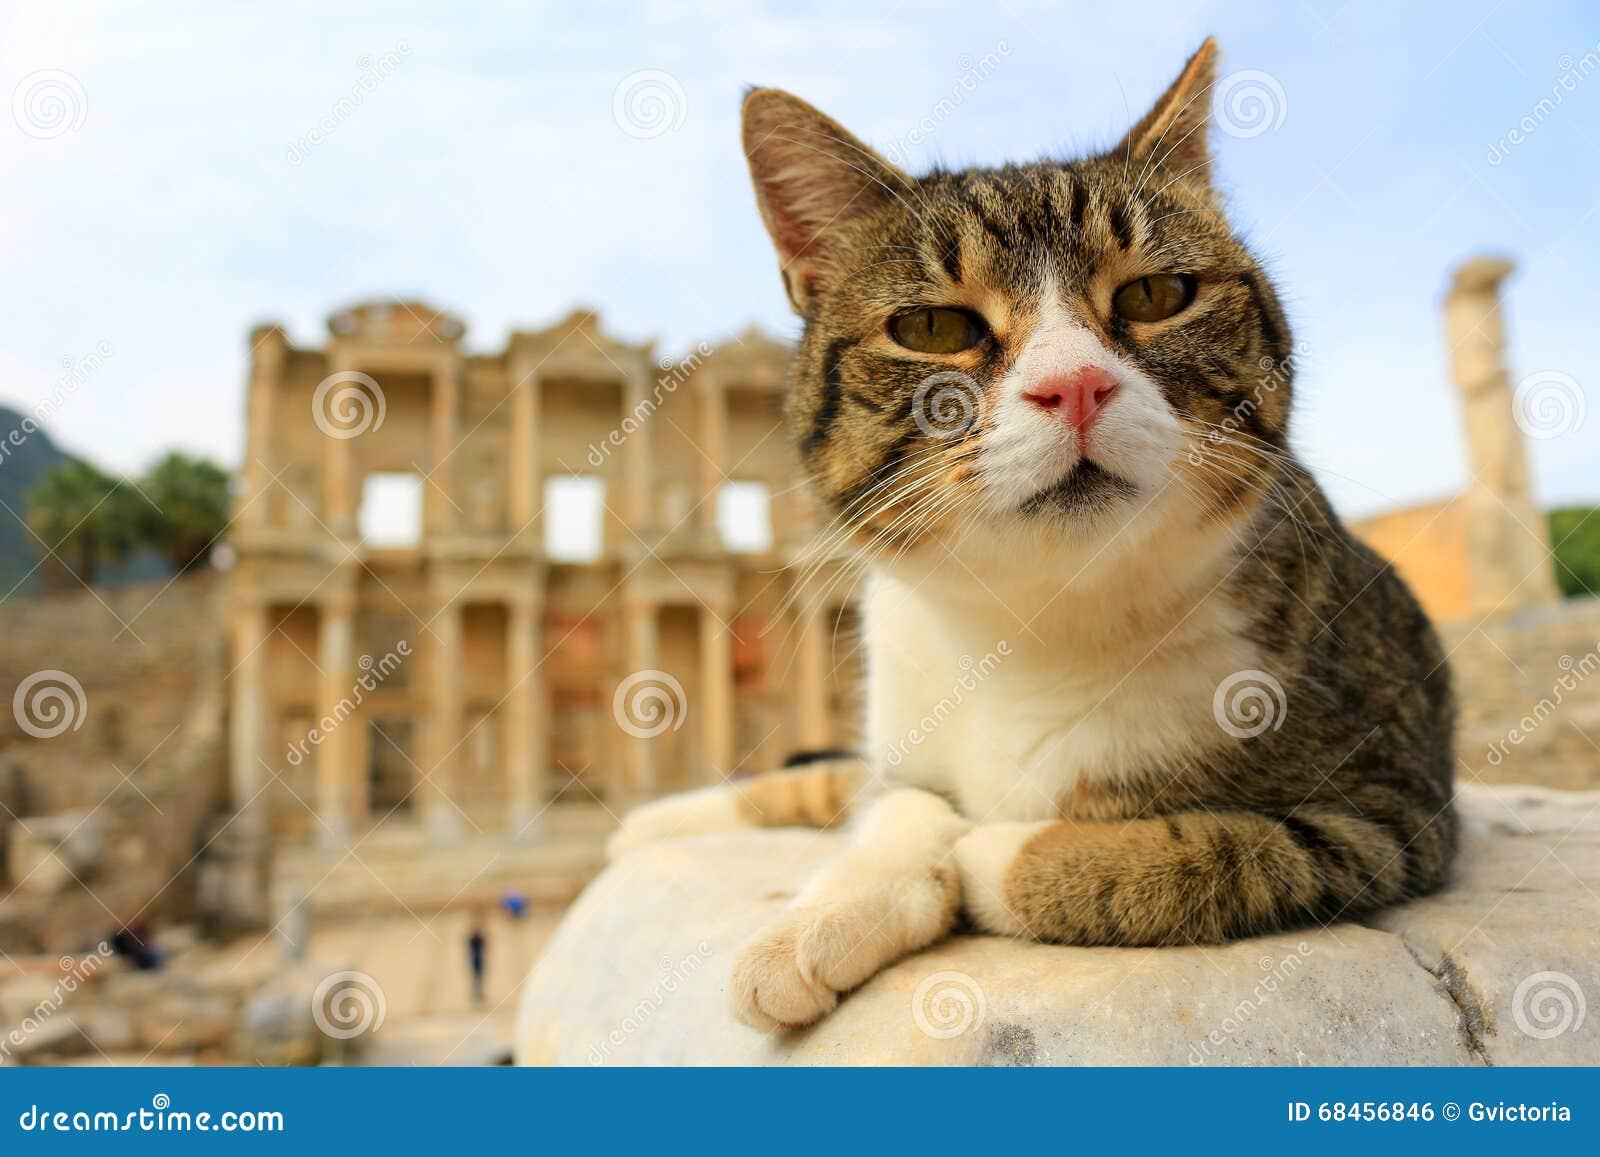 Gatto A Ephesus Turchia Fotografia Stock Immagine Di Felino 68456846